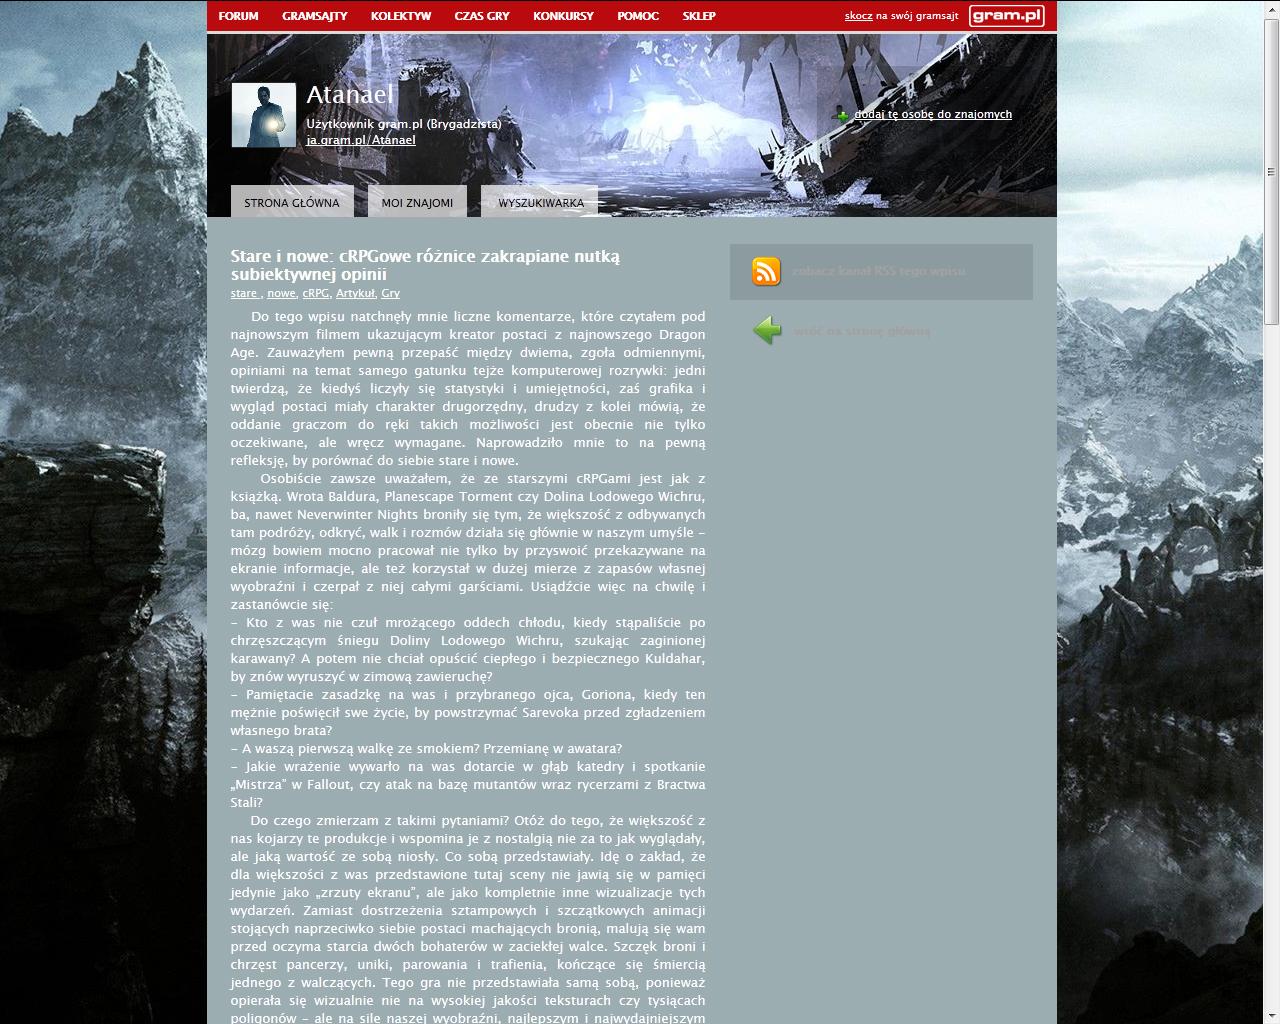 Co w gramsajtach piszczy #111 - O Ethanie Carterze, grach cRPG i filmie Miasto 44! - obrazek 3